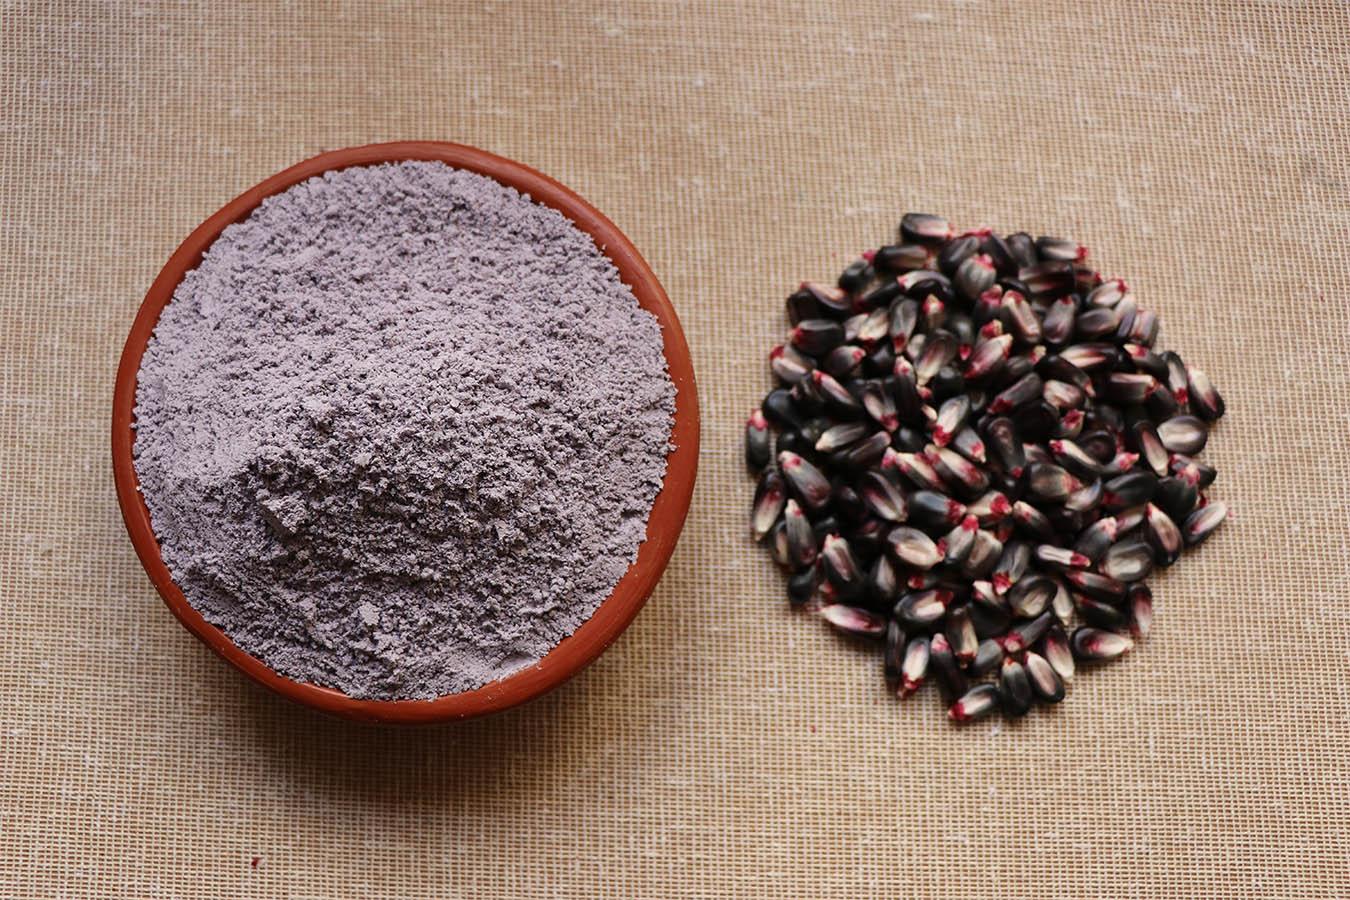 harina de maiz harina de maiz azul corn flour harina de maiz nixtamalizado